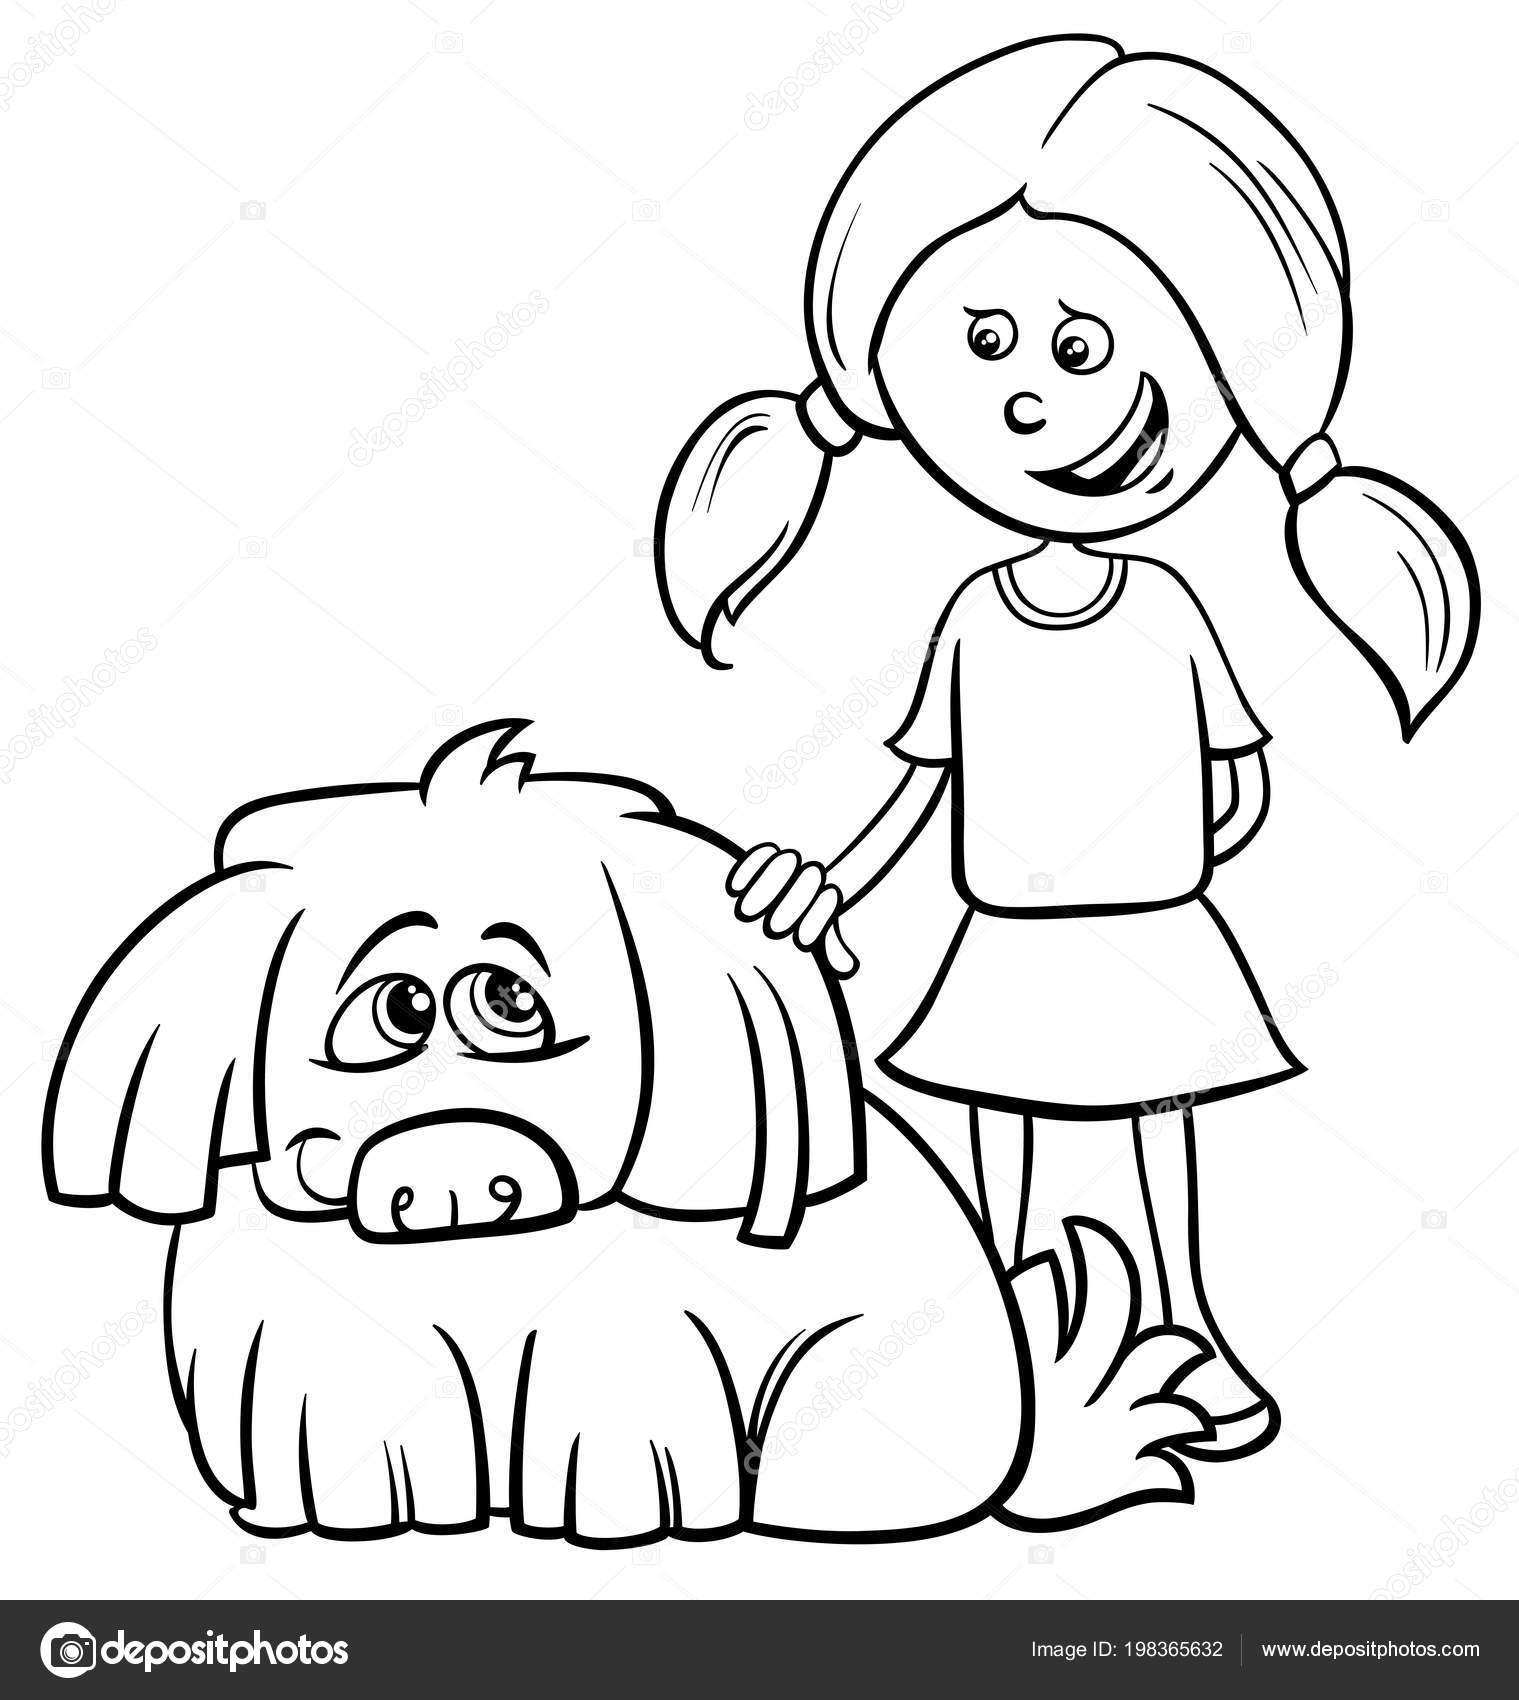 çocuk Kız Komik Tüylü Köpek Boyama Kitabı Ile Siyah Beyaz Stok